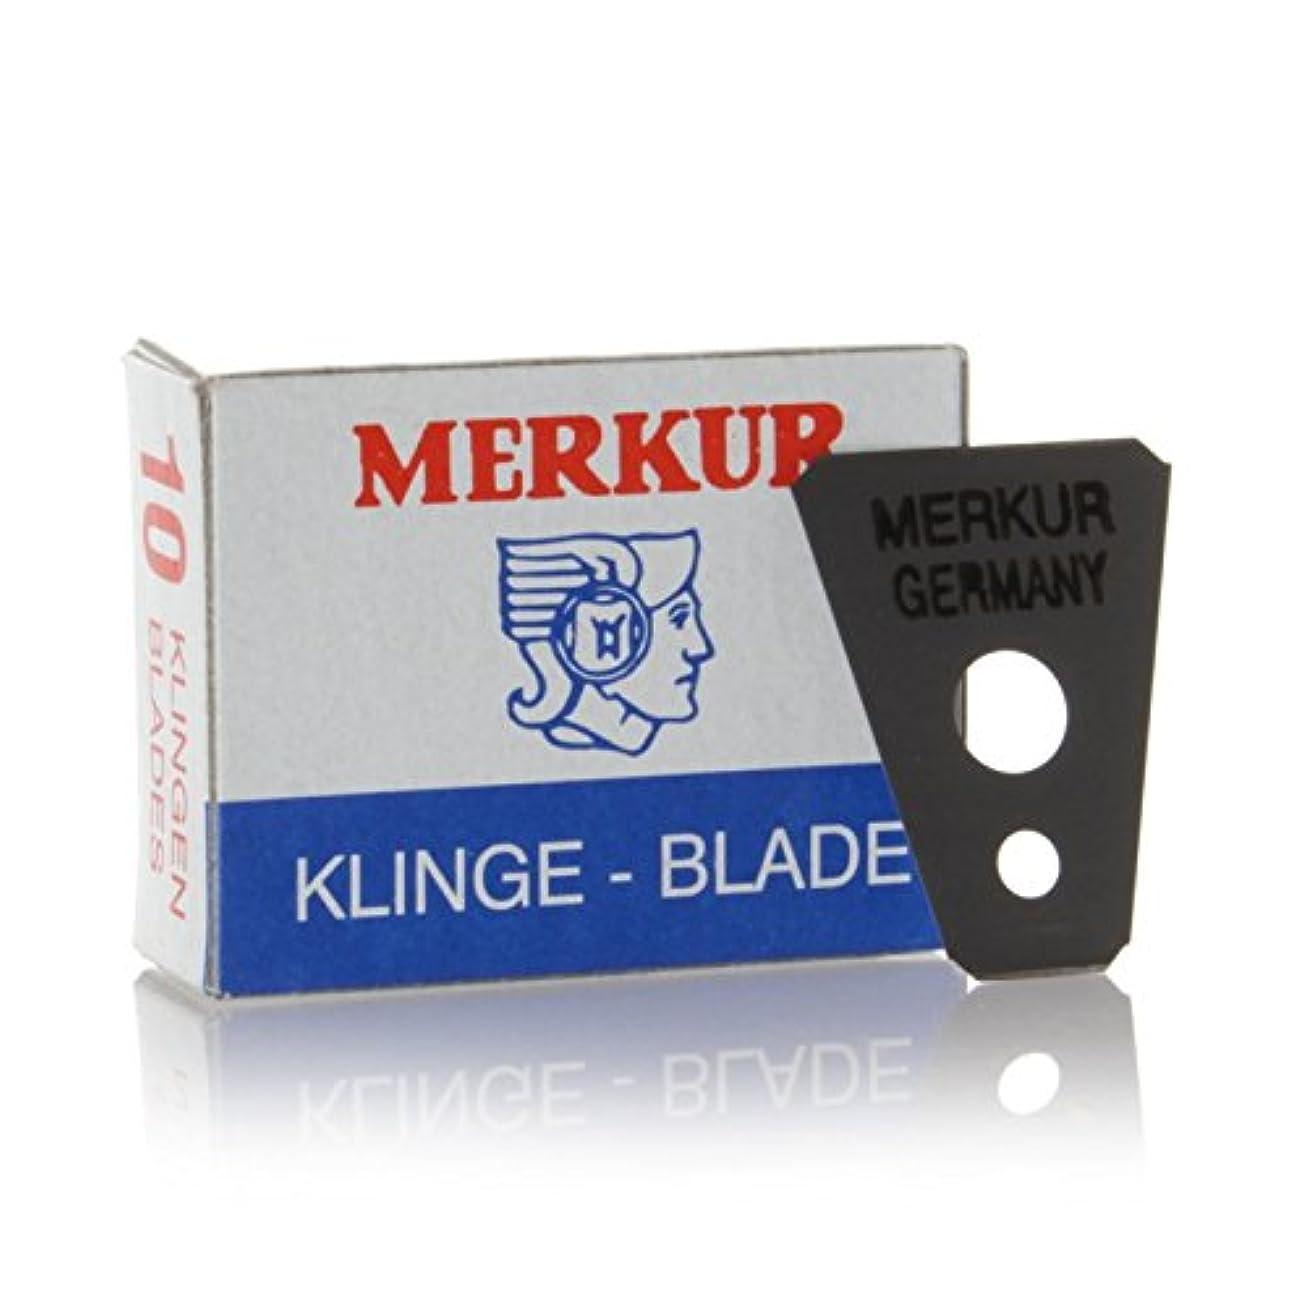 食い違い人里離れたエステートMERKUR Solingen - Razor blades for moustache shaver, 10 pieces, 90908100